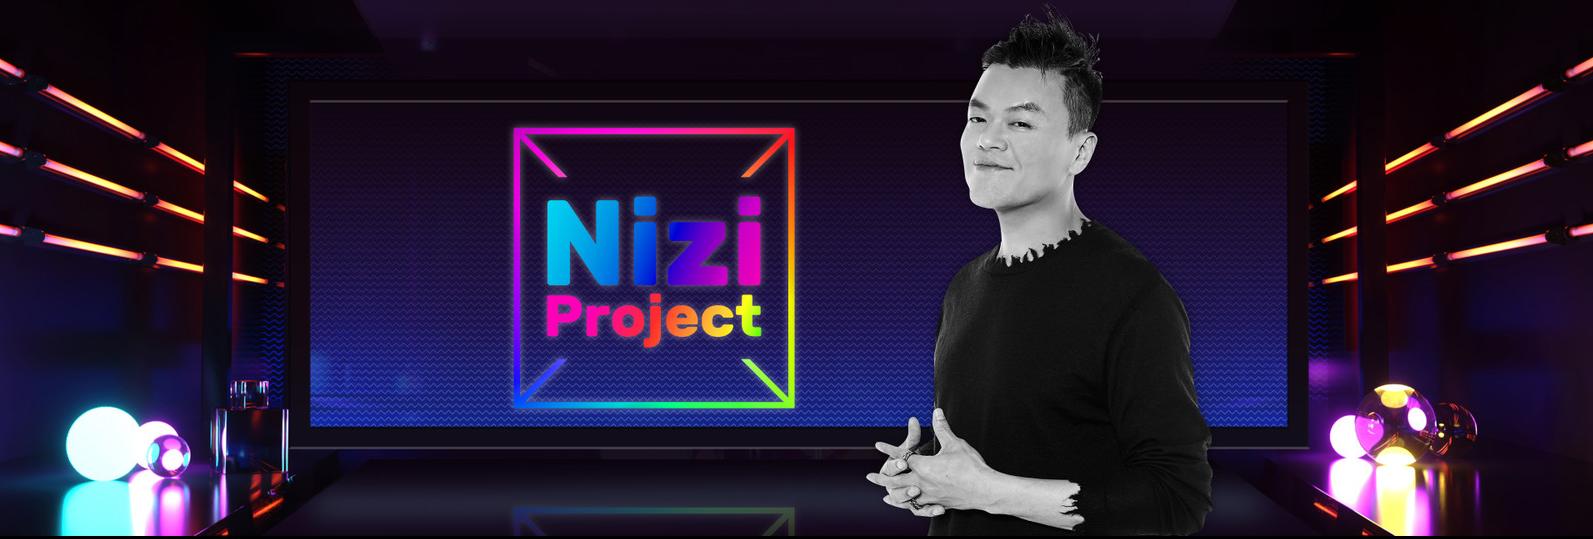 ▼HuluでNizi Projectをフル視聴したい方はコチラ!▼